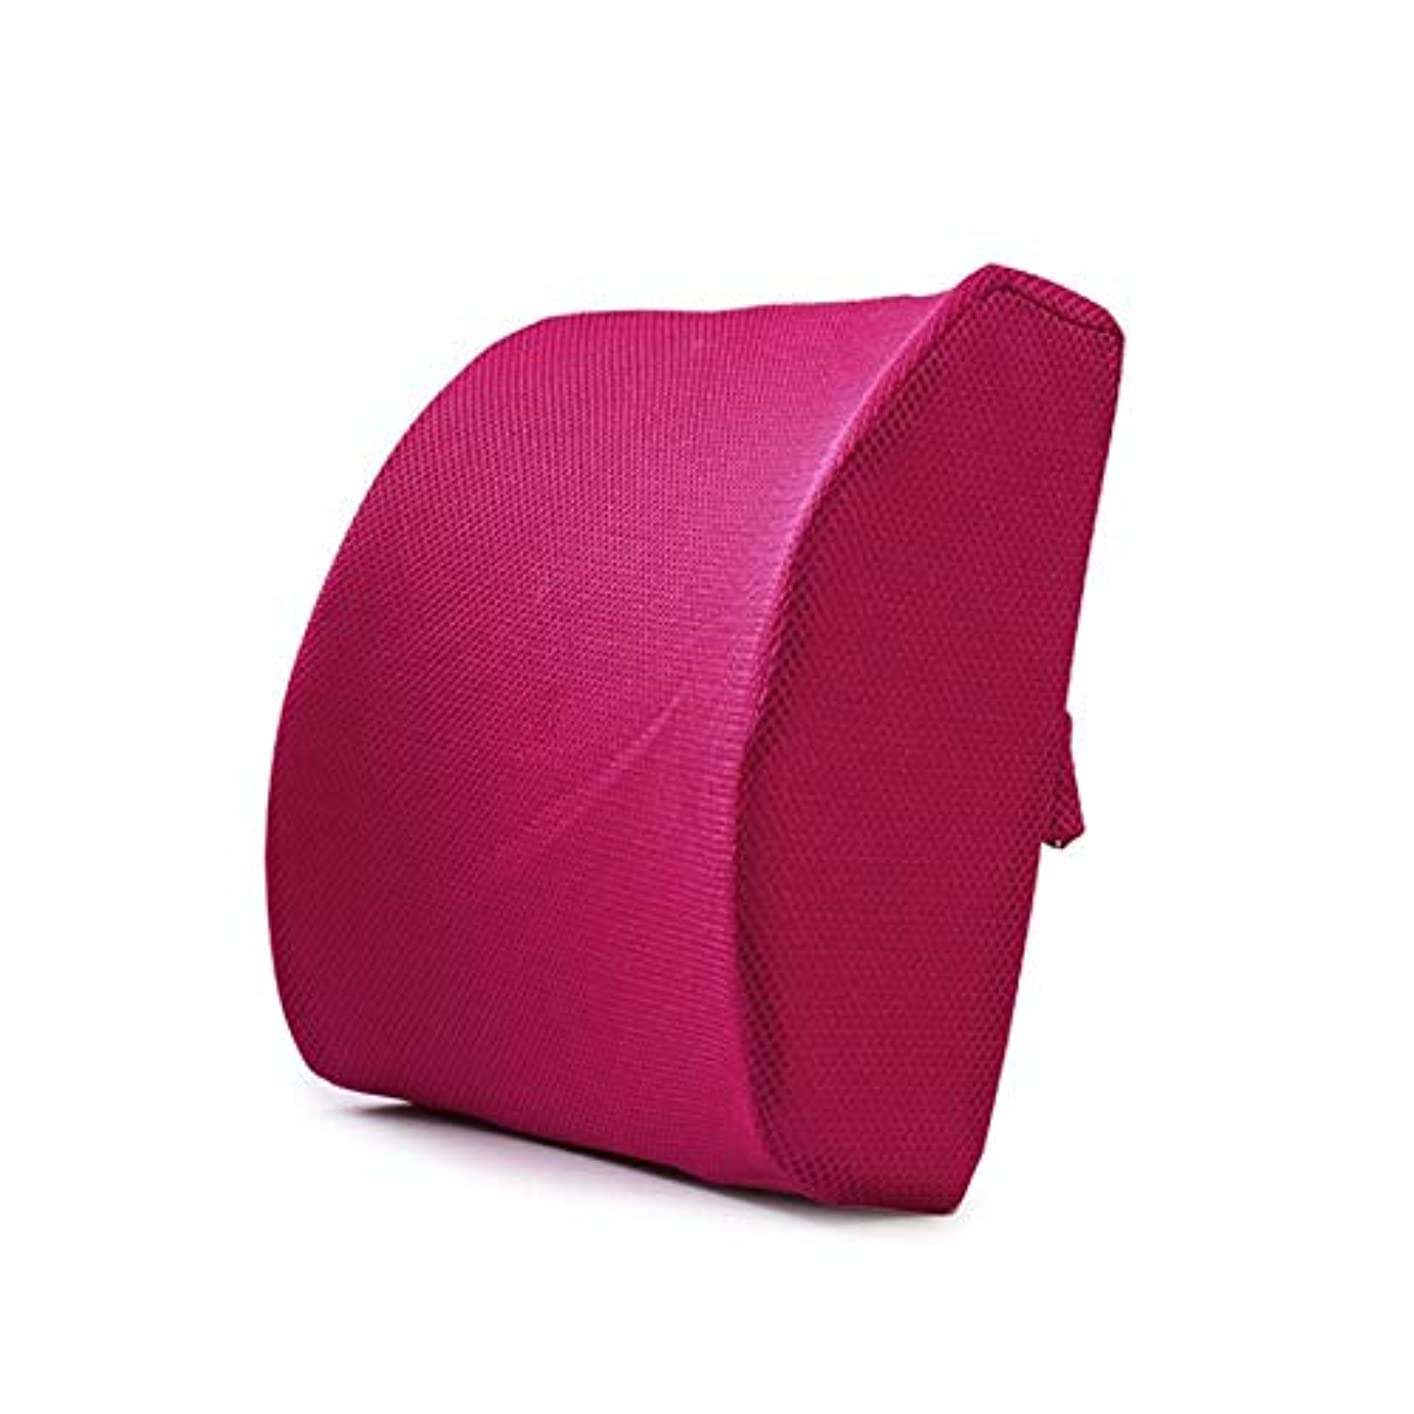 保全一時停止提出するLIFE ホームオフィス背もたれ椅子腰椎クッションカーシートネック枕 3D 低反発サポートバックマッサージウエストレスリビング枕 クッション 椅子